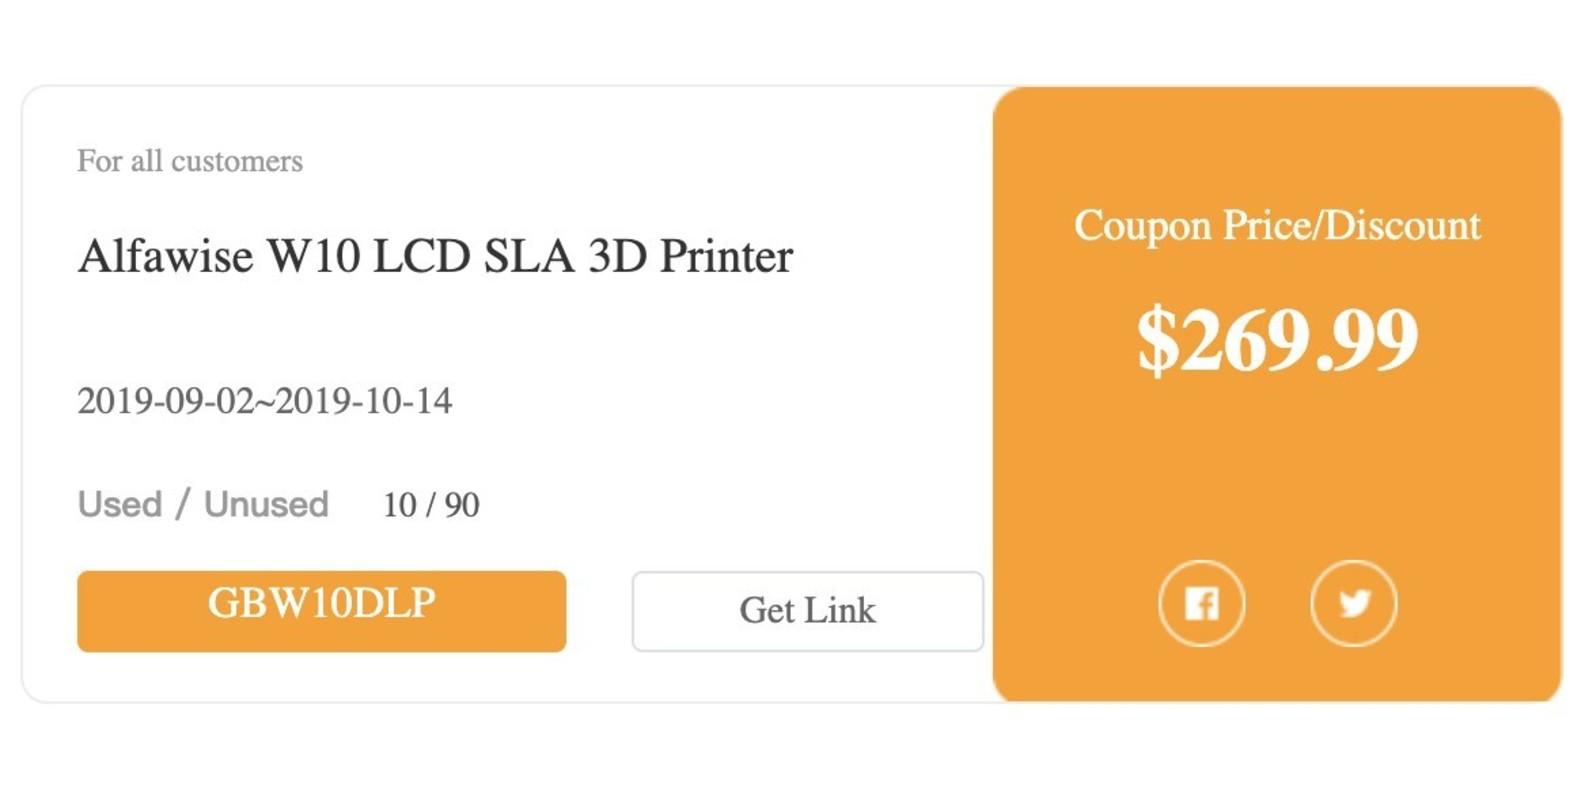 Gearbest Alfawise W10 LCD SLA 3D Printer promotion